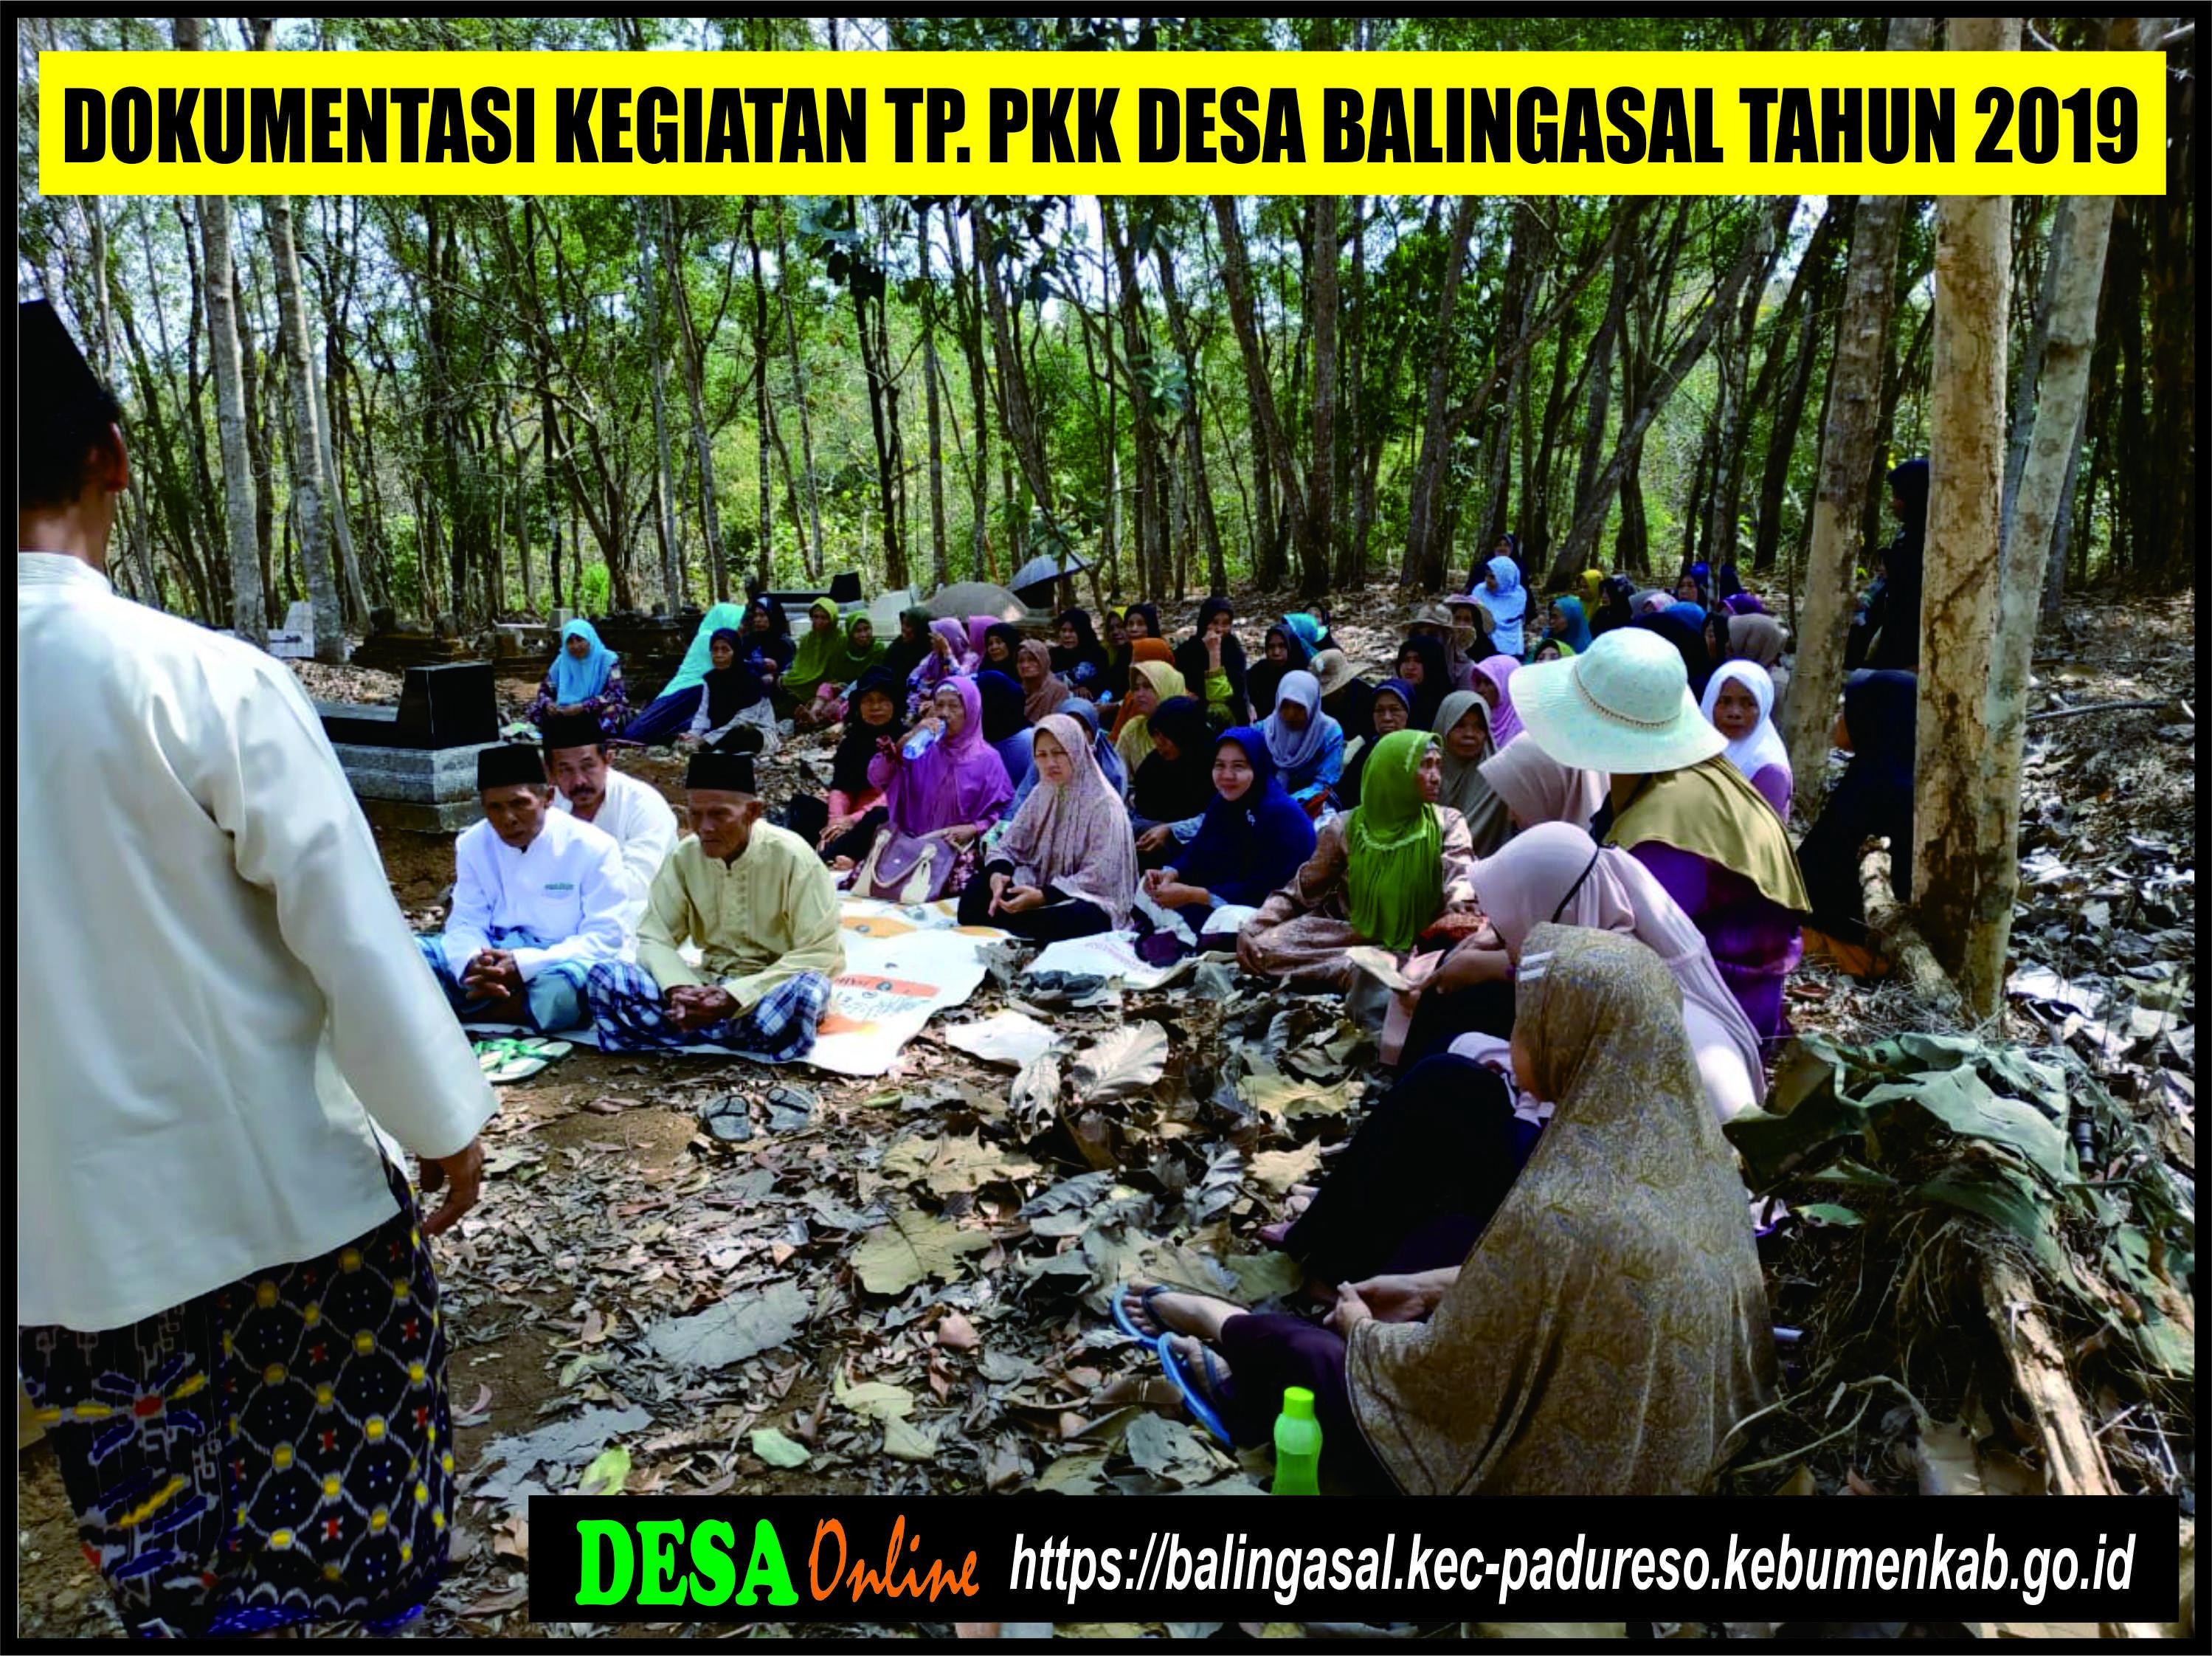 Tim Penggerak Pkk Website Resmi Desa Balingasal Kecamatan Padureso Kabupaten Kebumen